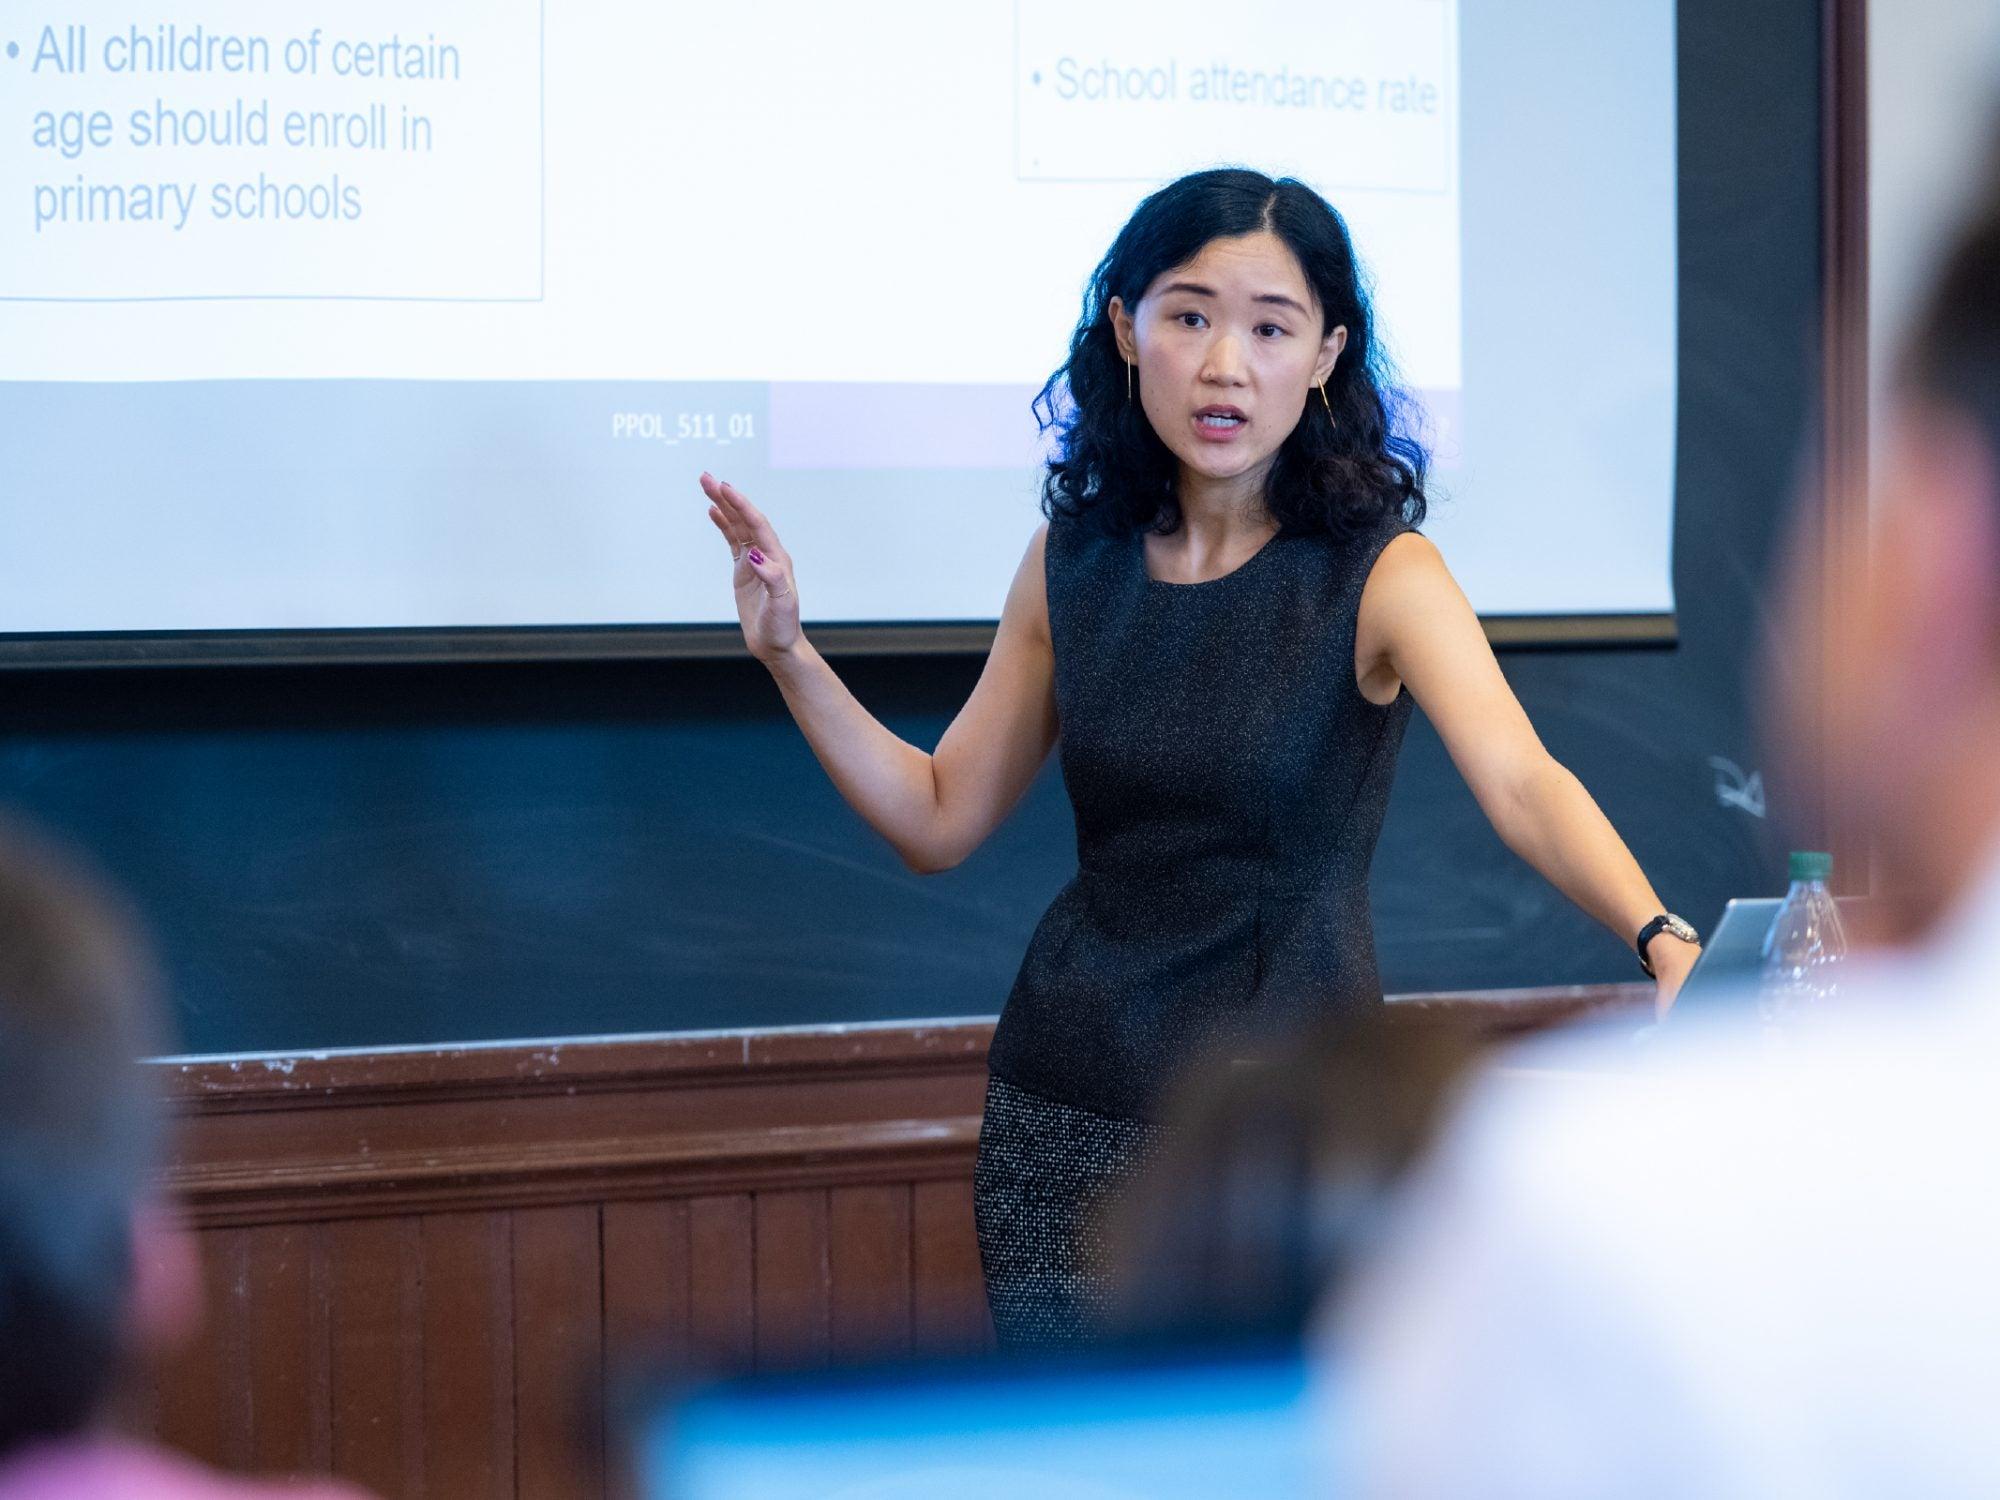 Photo of Ning Leng teaching a class